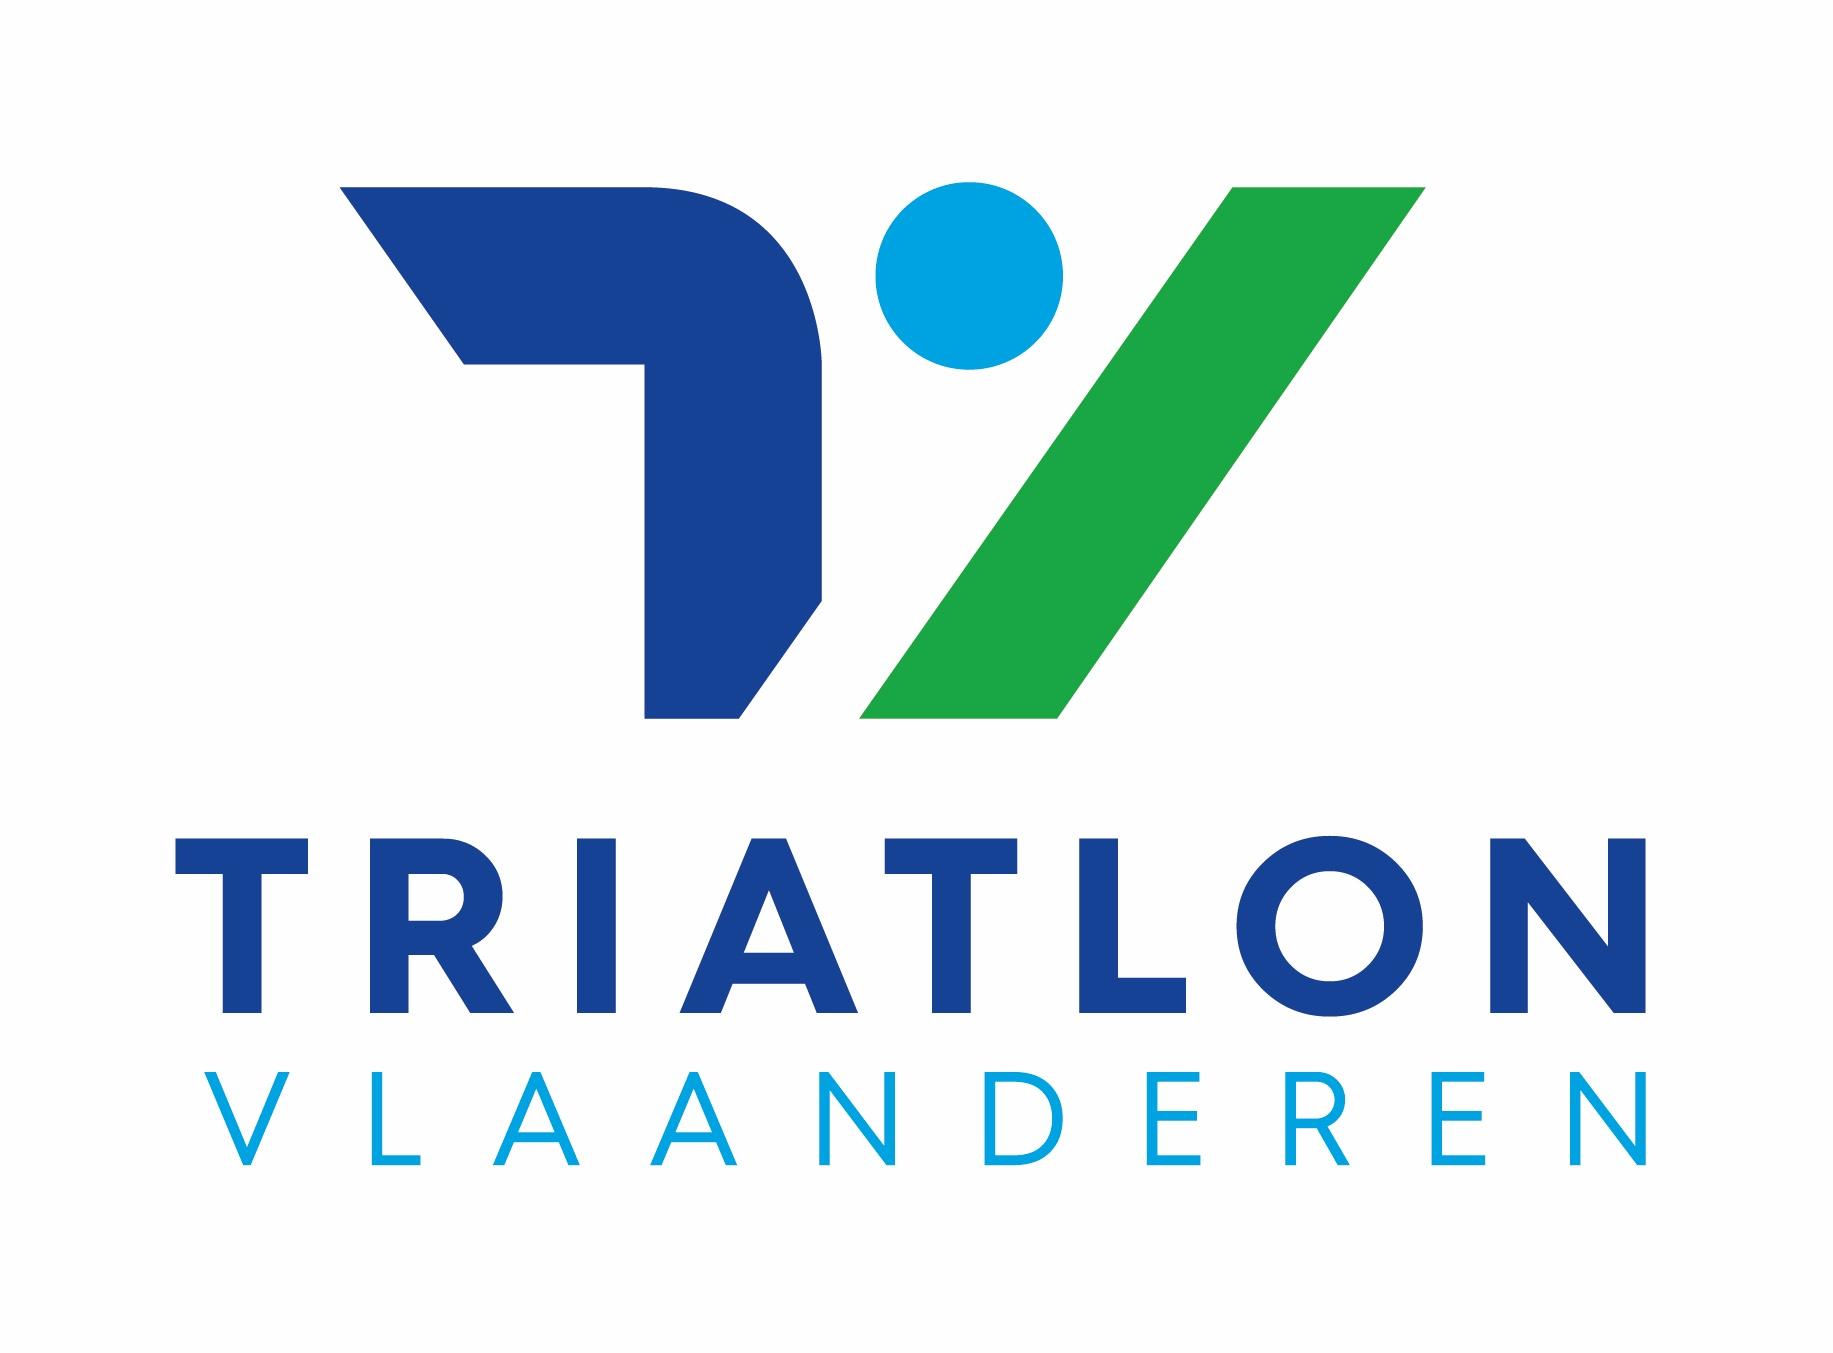 Triathlon Federation Flanders